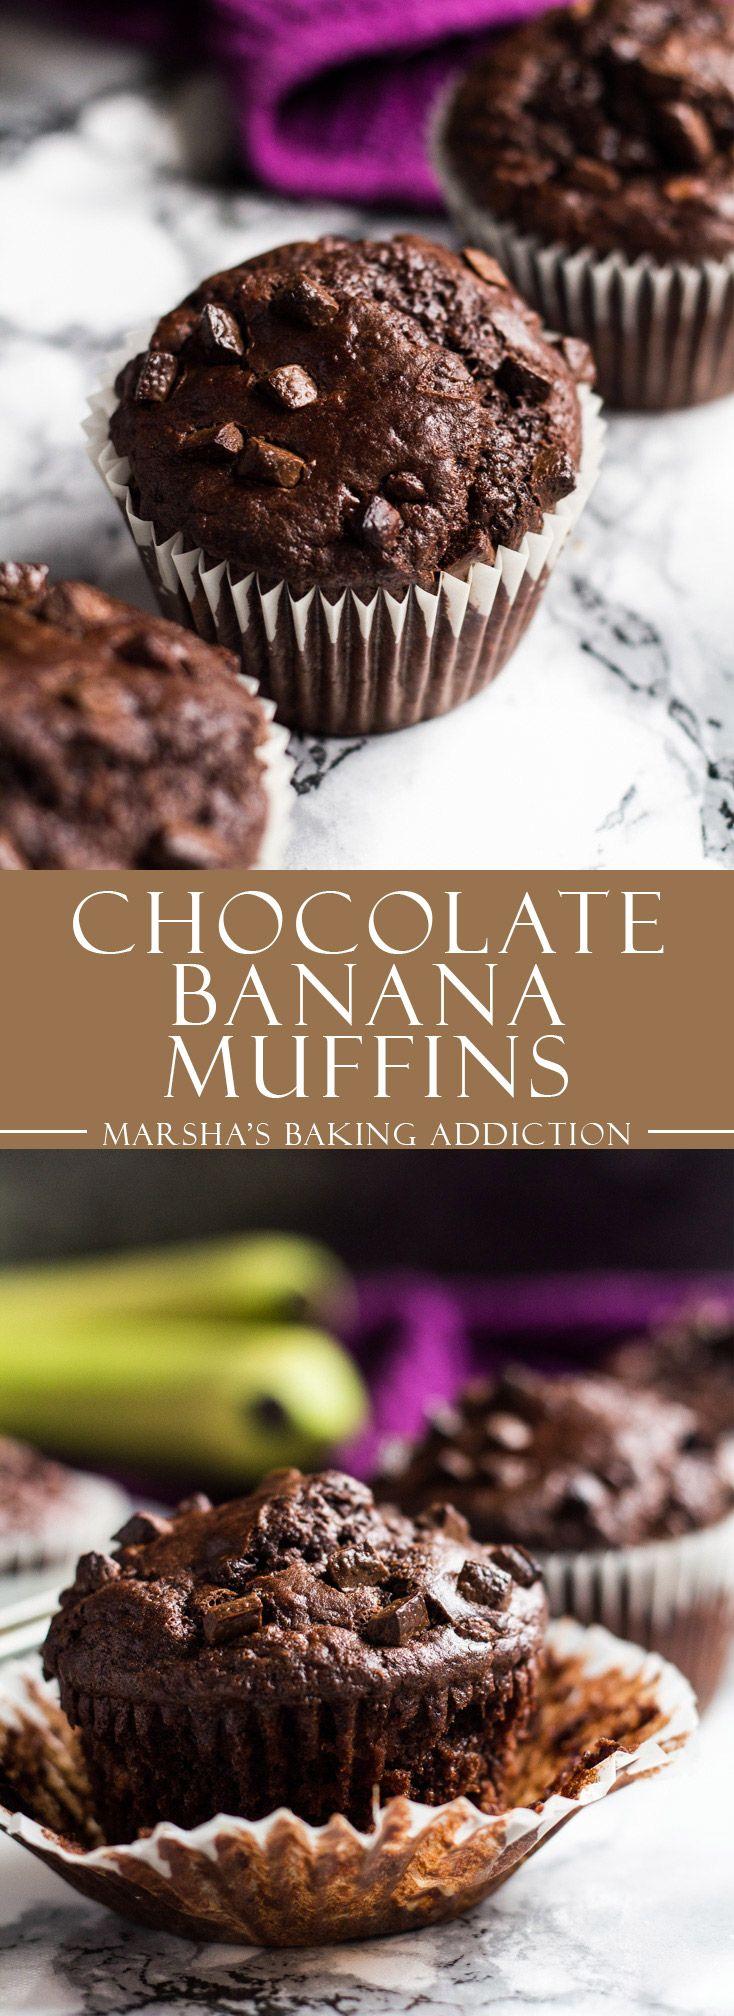 Chocolate Banana Muffins   marshasbakingaddiction.com @marshasbakeblog